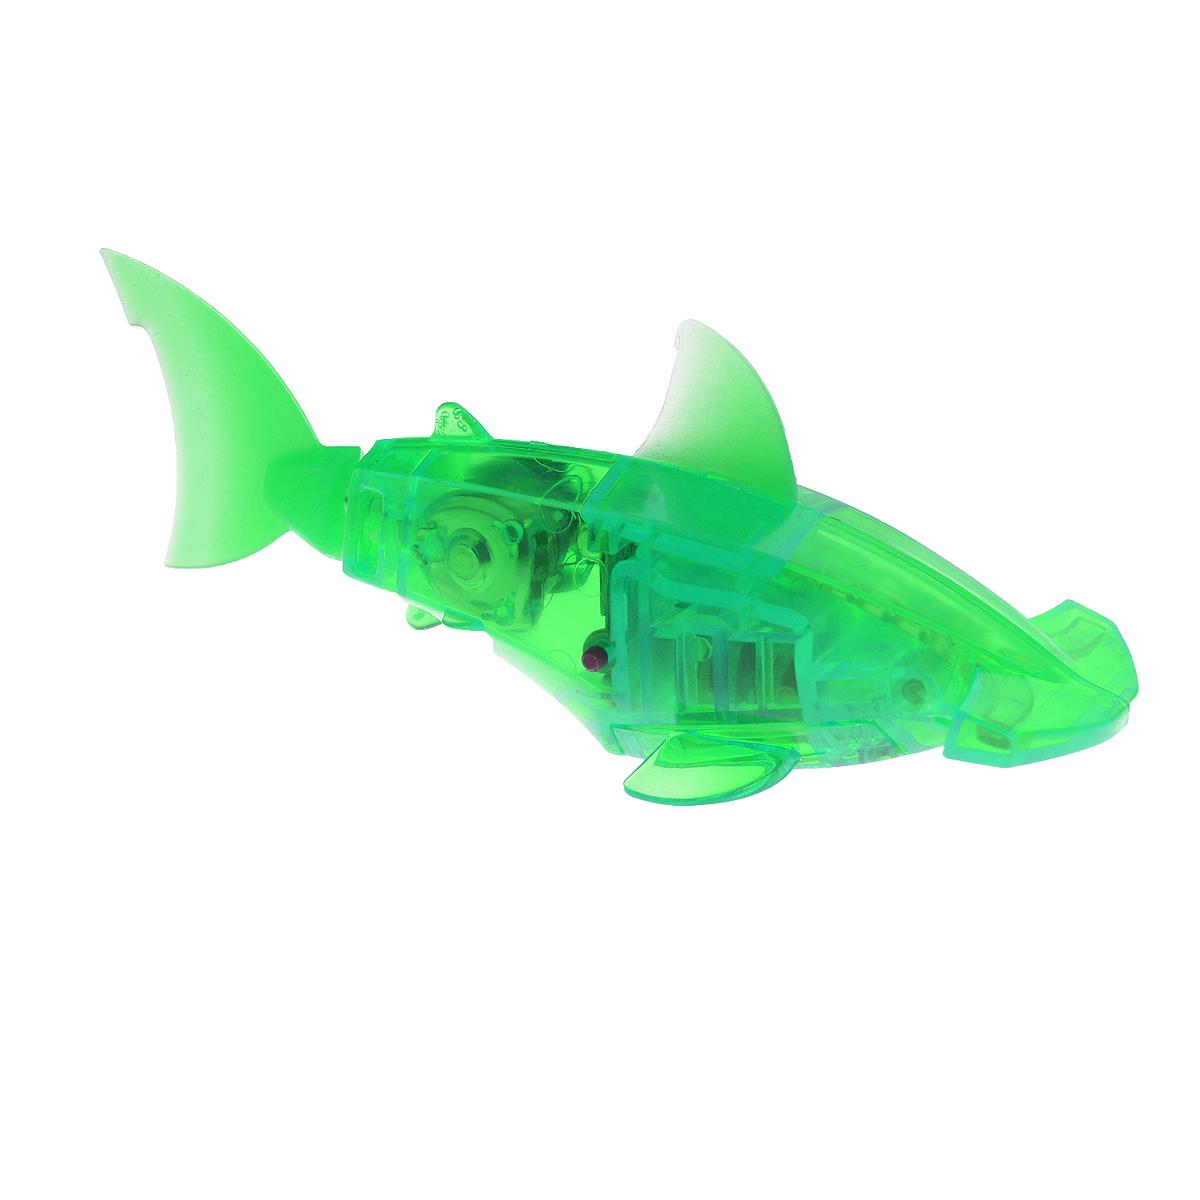 Микро-робот Hexbug Aquabot Hammerhead, со световыми эффектами, цвет: зеленый